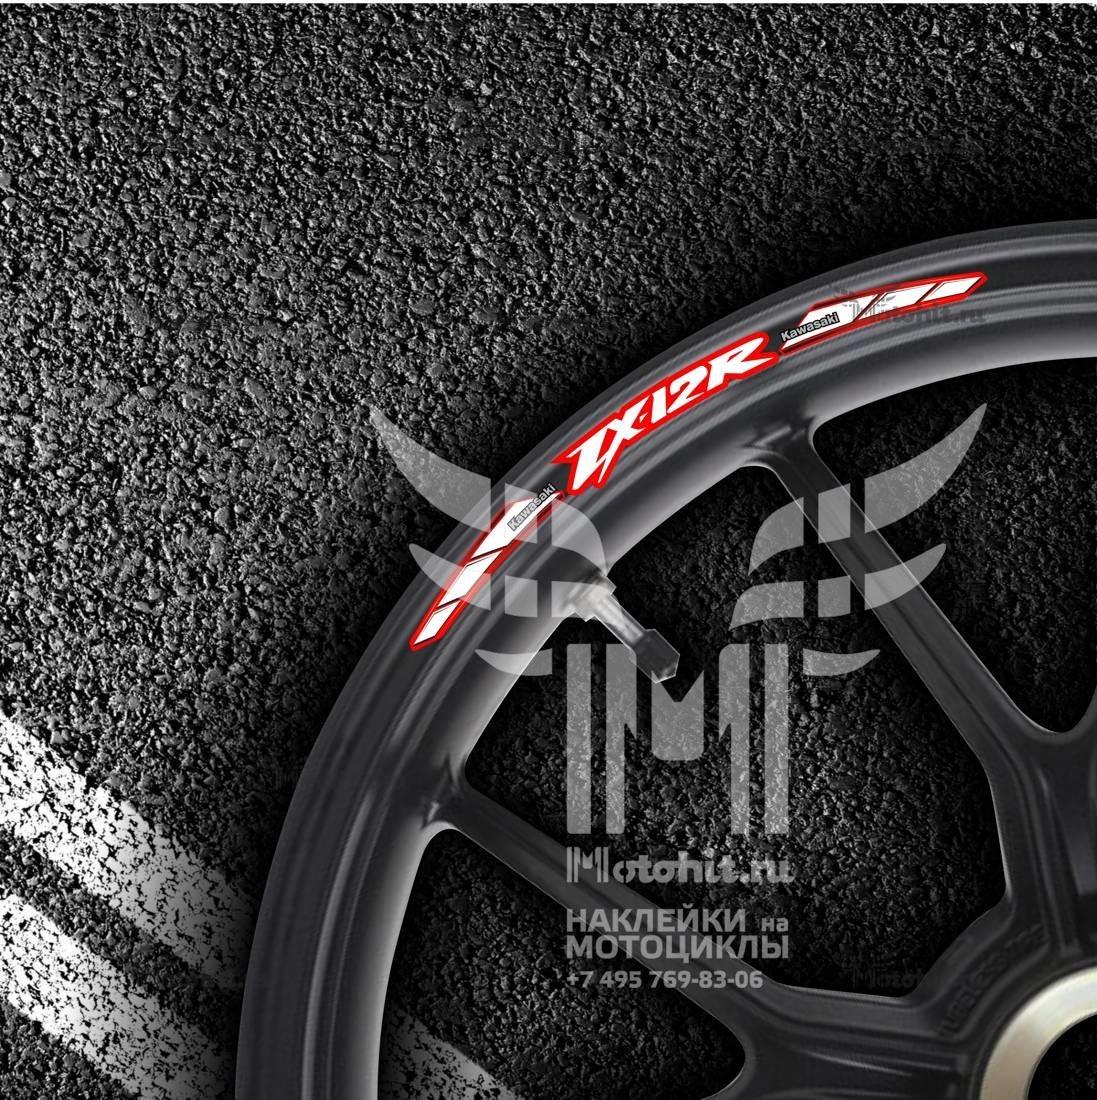 Комплект наклеек на обод колеса мотоцикла KAWASAKI ZX-12R